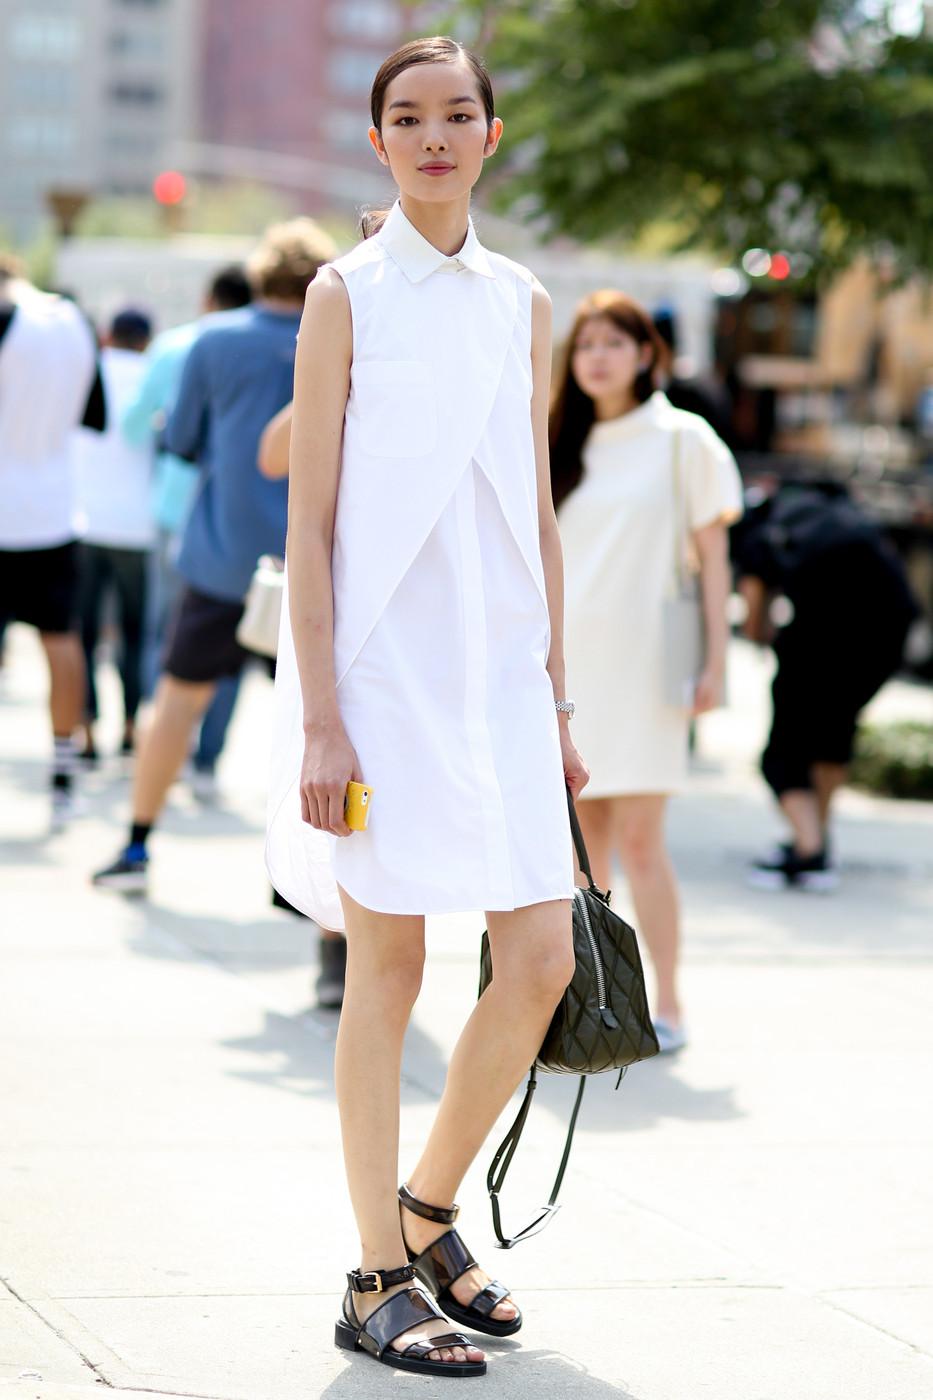 bí quyết mặc đầm sơ mi từ fashionista không tay